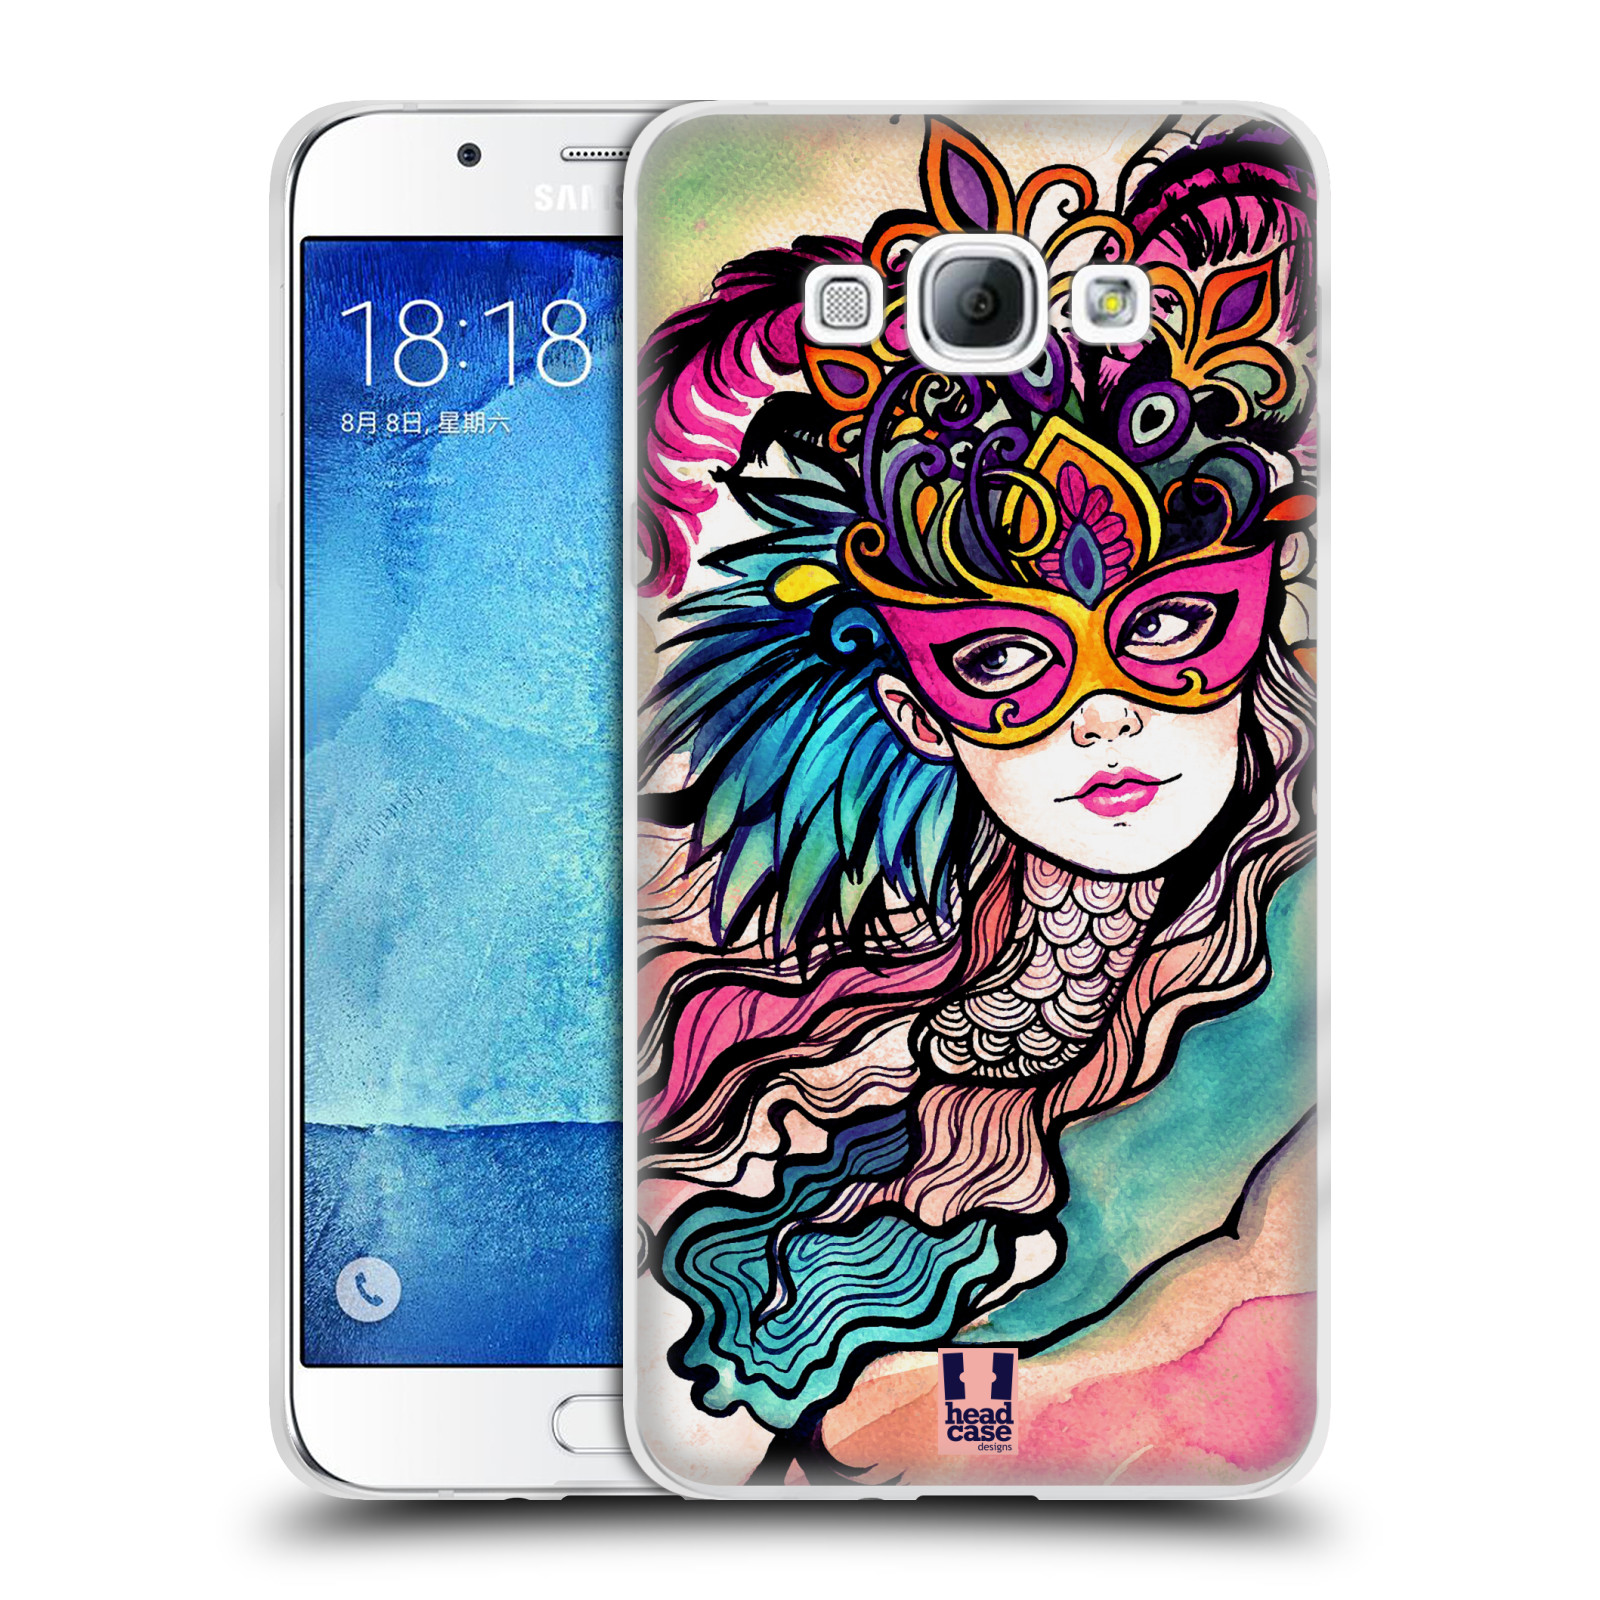 HEAD CASE silikonový obal na mobil Samsung Galaxy A8 vzor Maškarní ples masky kreslené vzory růžová